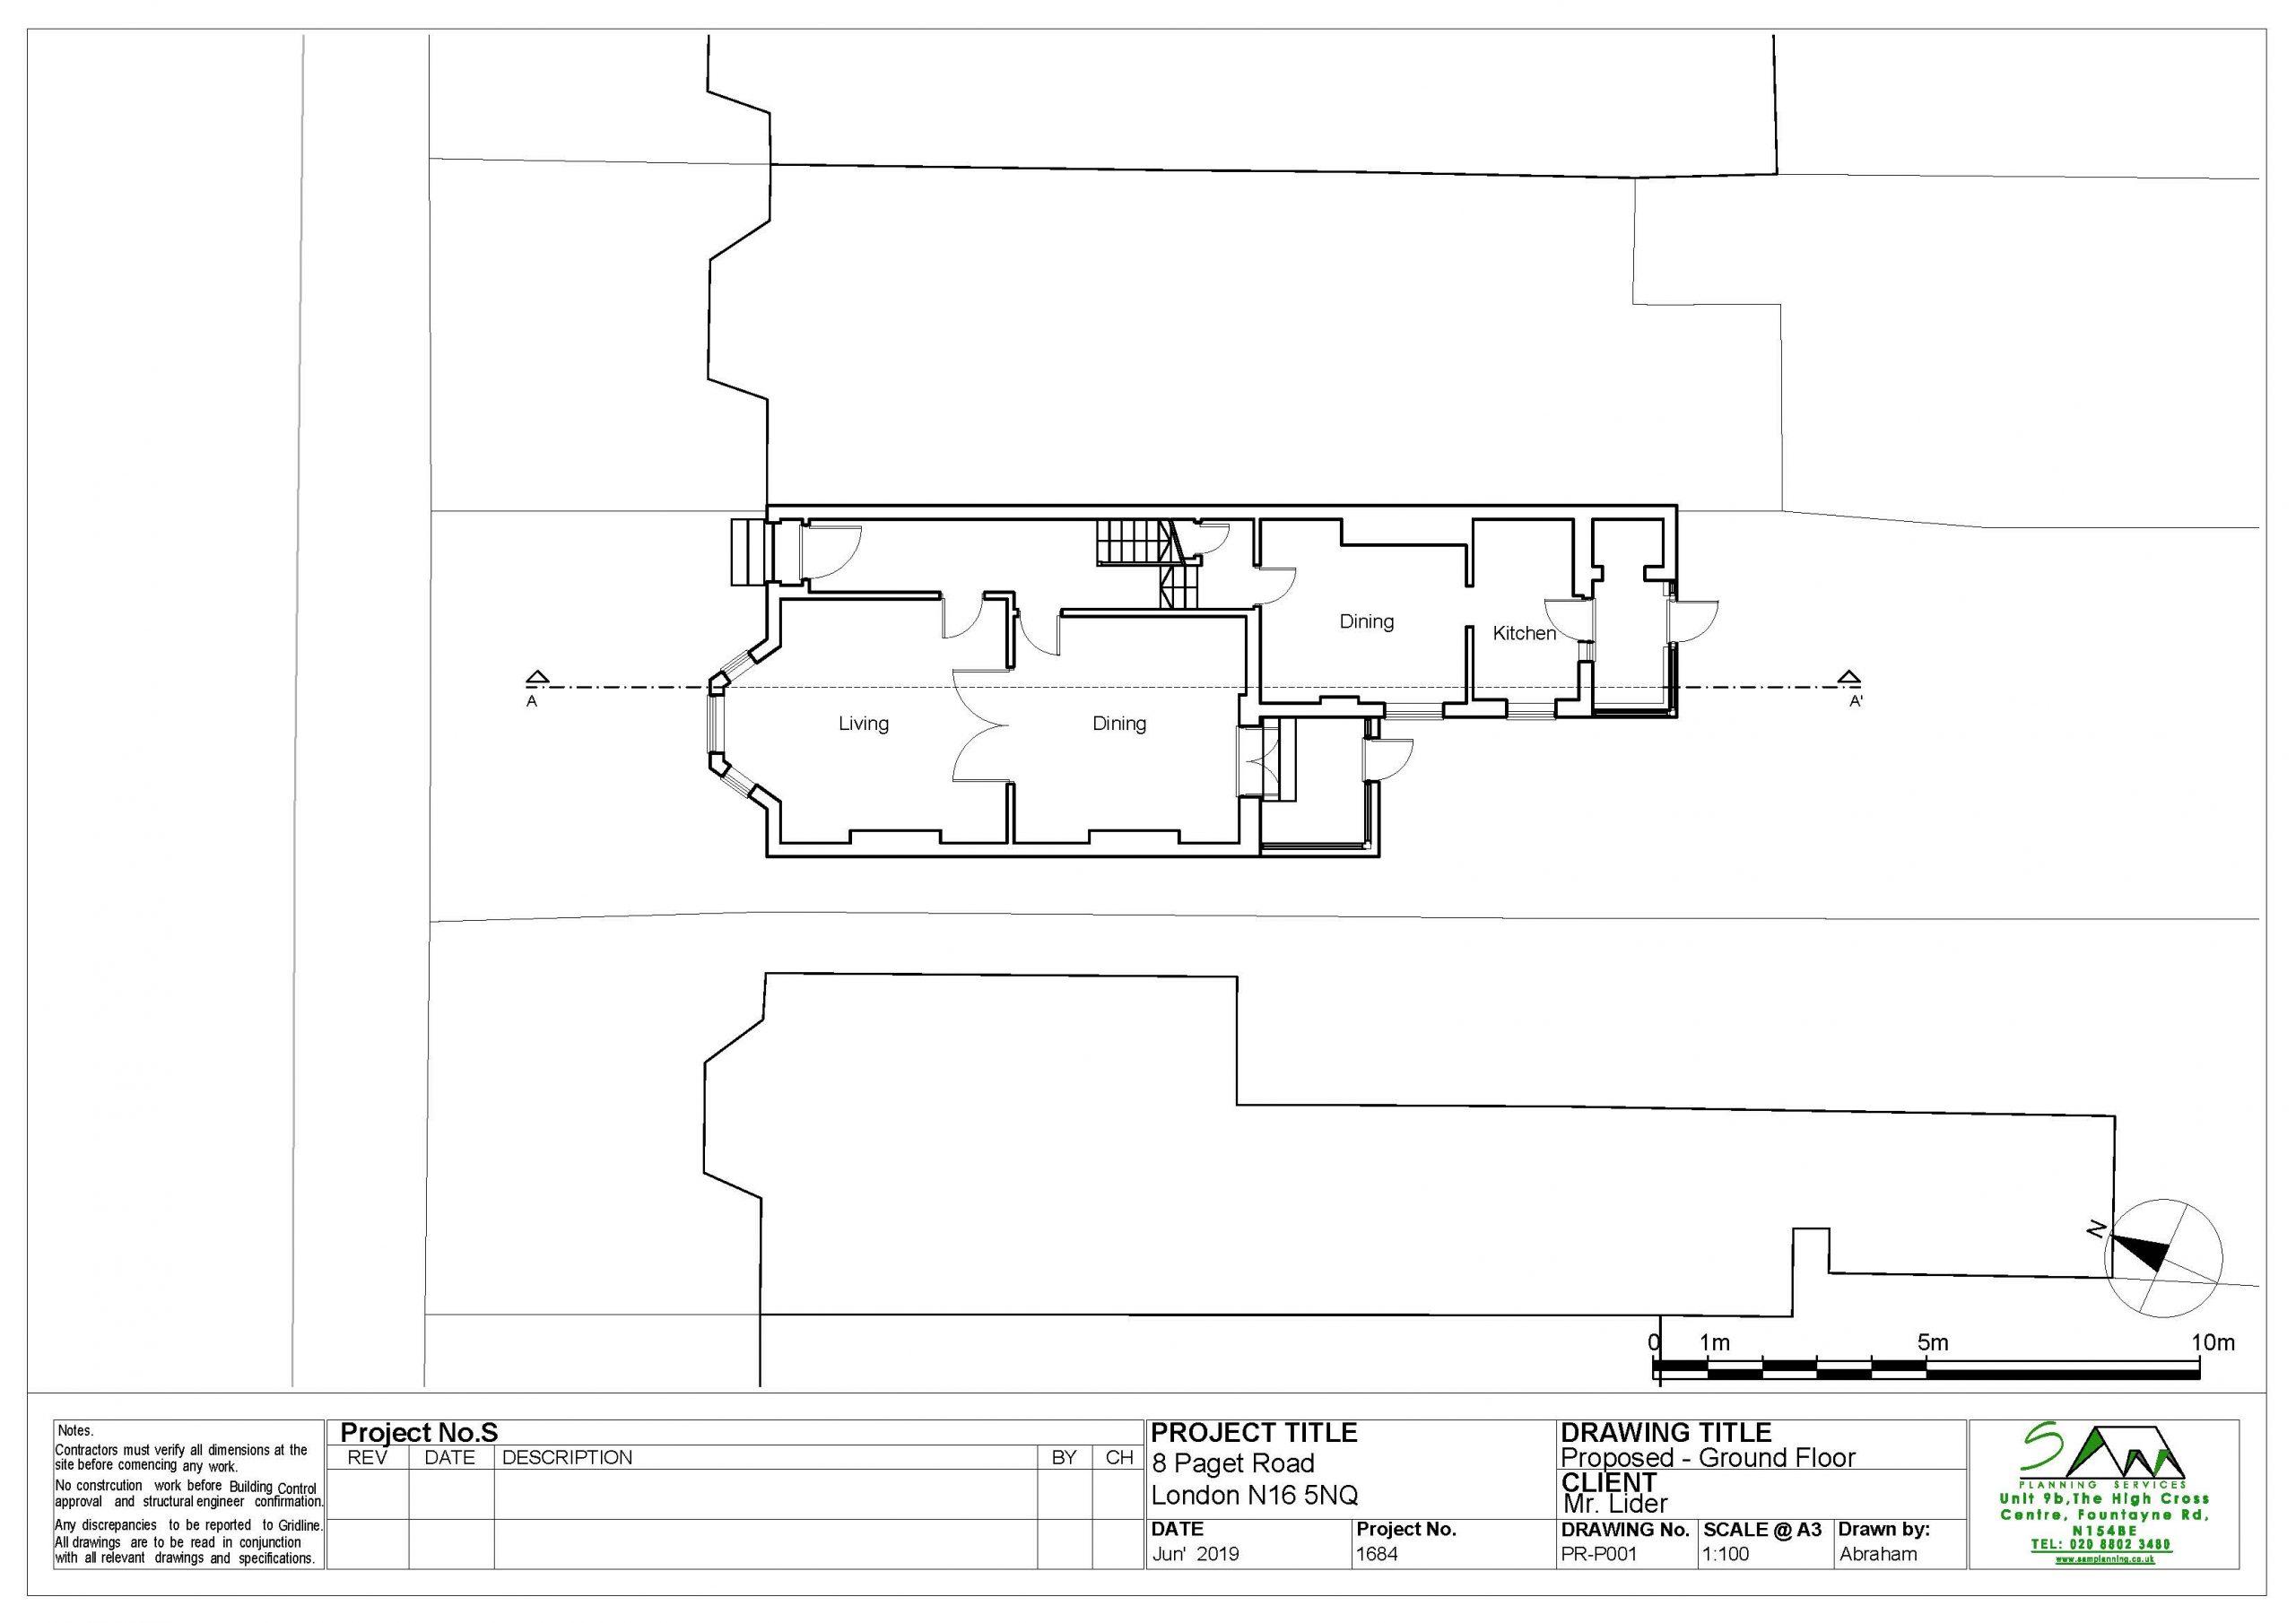 8pagetProposed ground floor